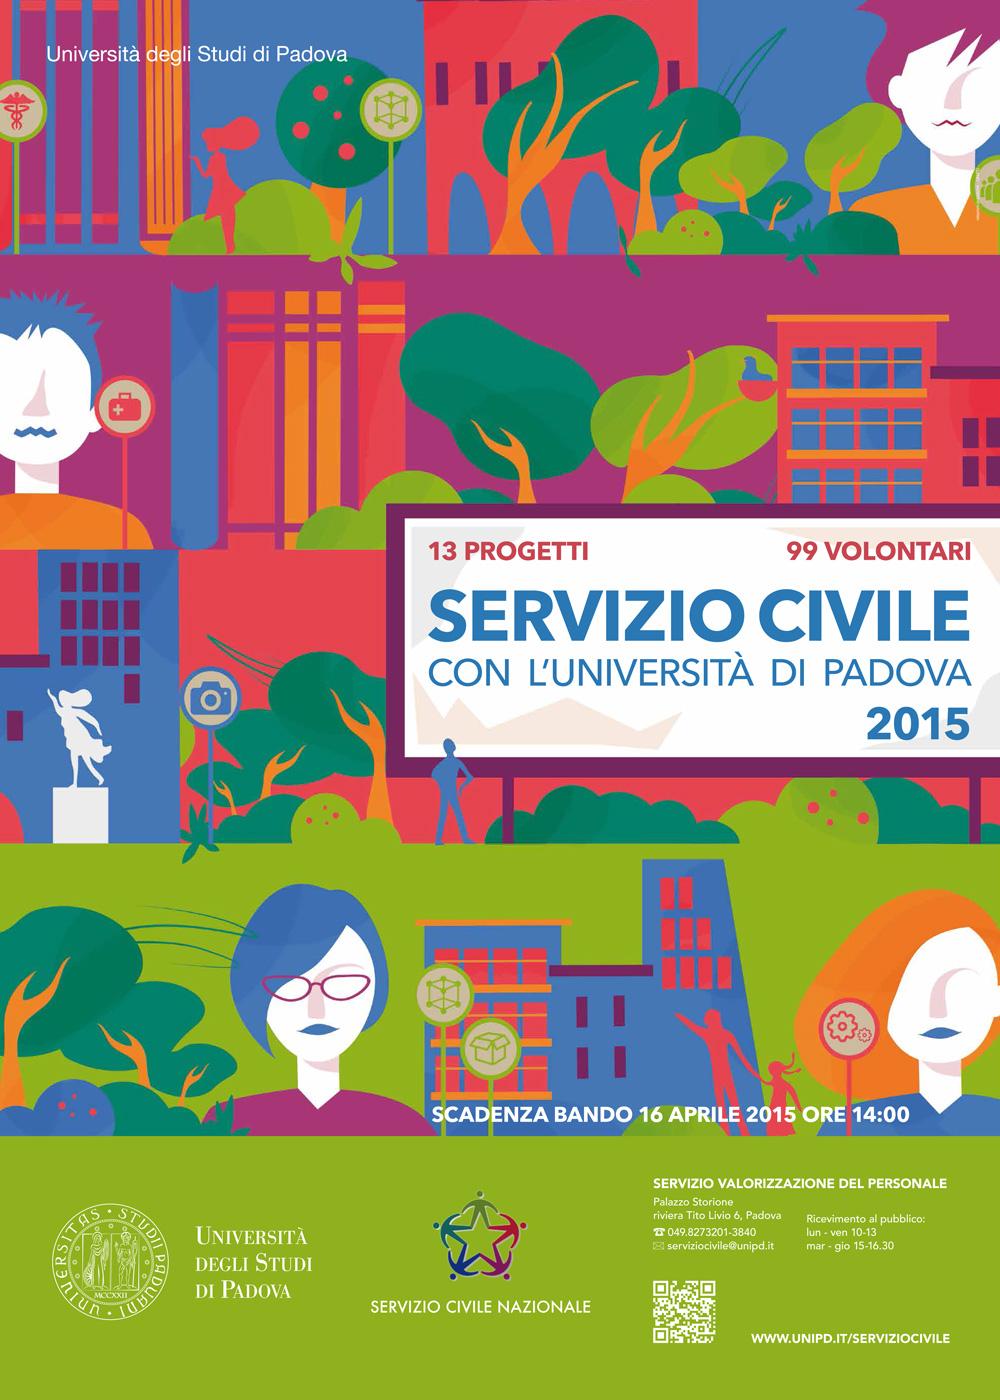 Servizio civile nazionale al Centro Diritti Umani dell'Università di Padova